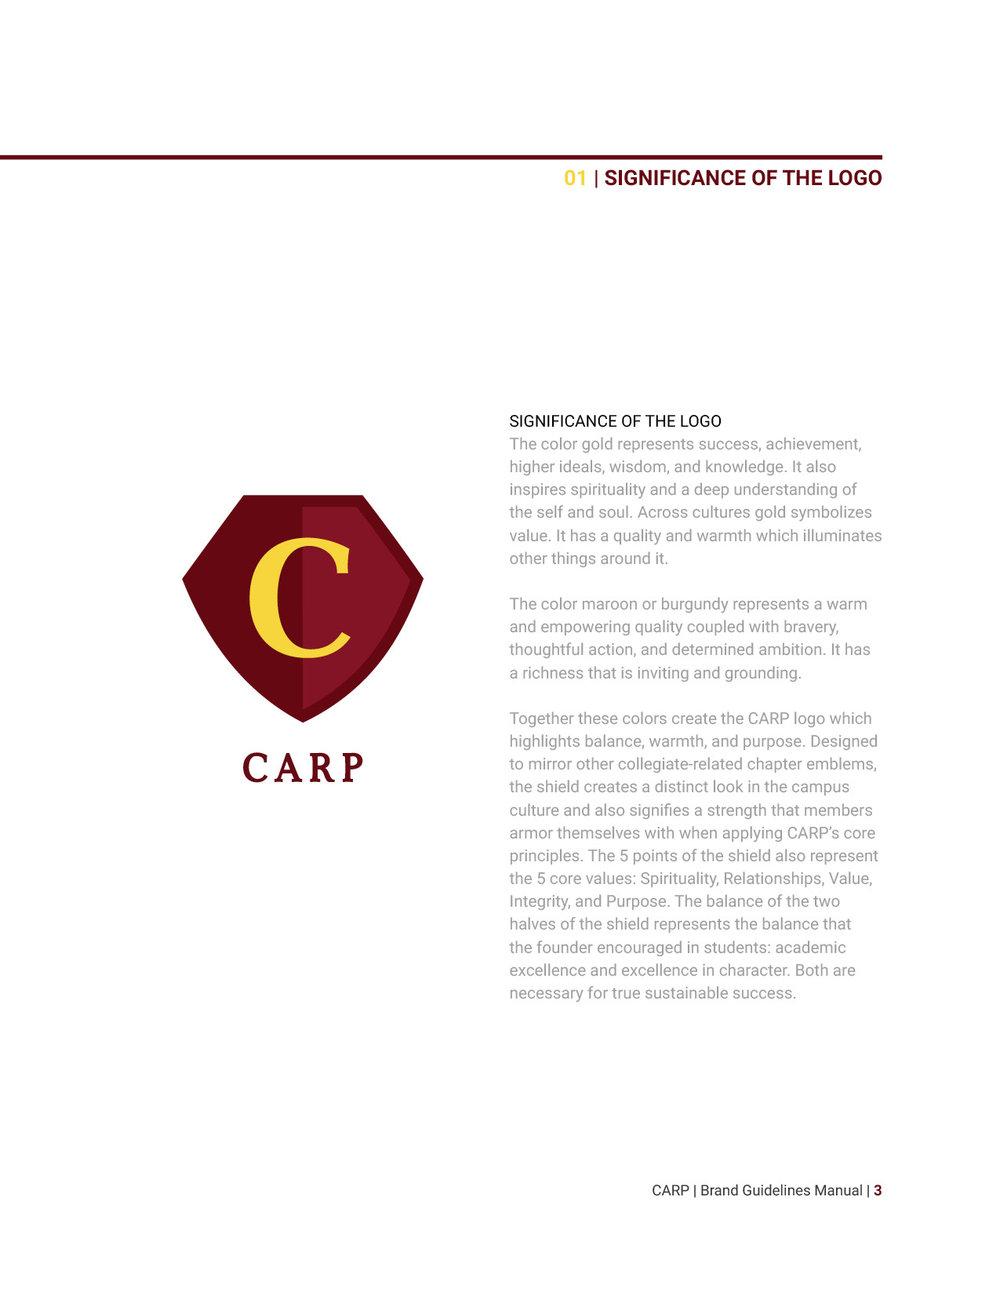 CARP_brand_guidelines_13.jpg